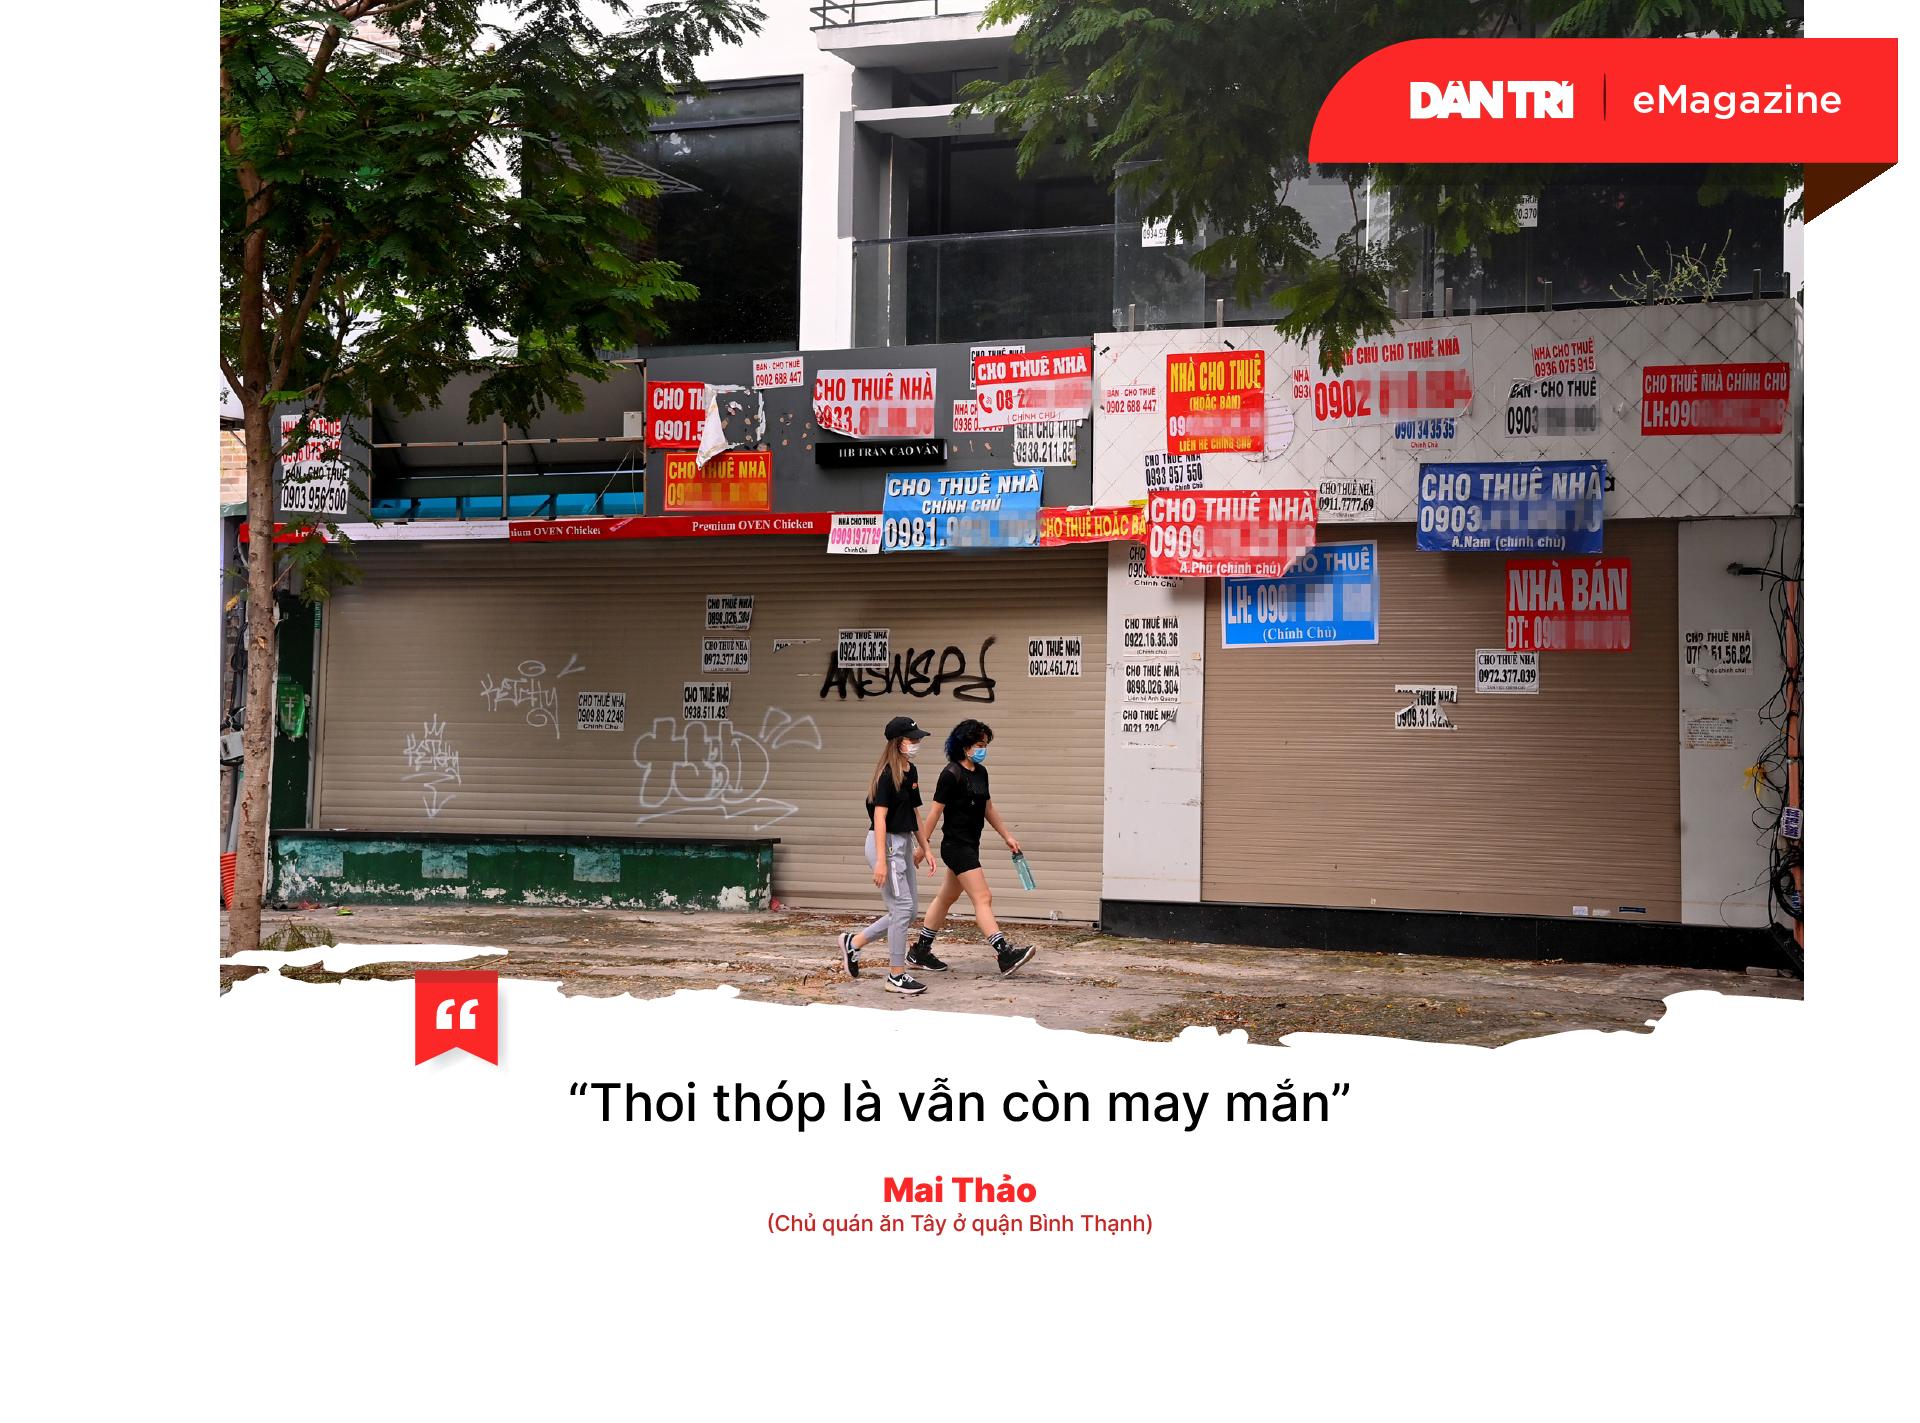 Hàng quán Sài Gòn kiệt sức, tiền nào đổ vào cũng bay - 7